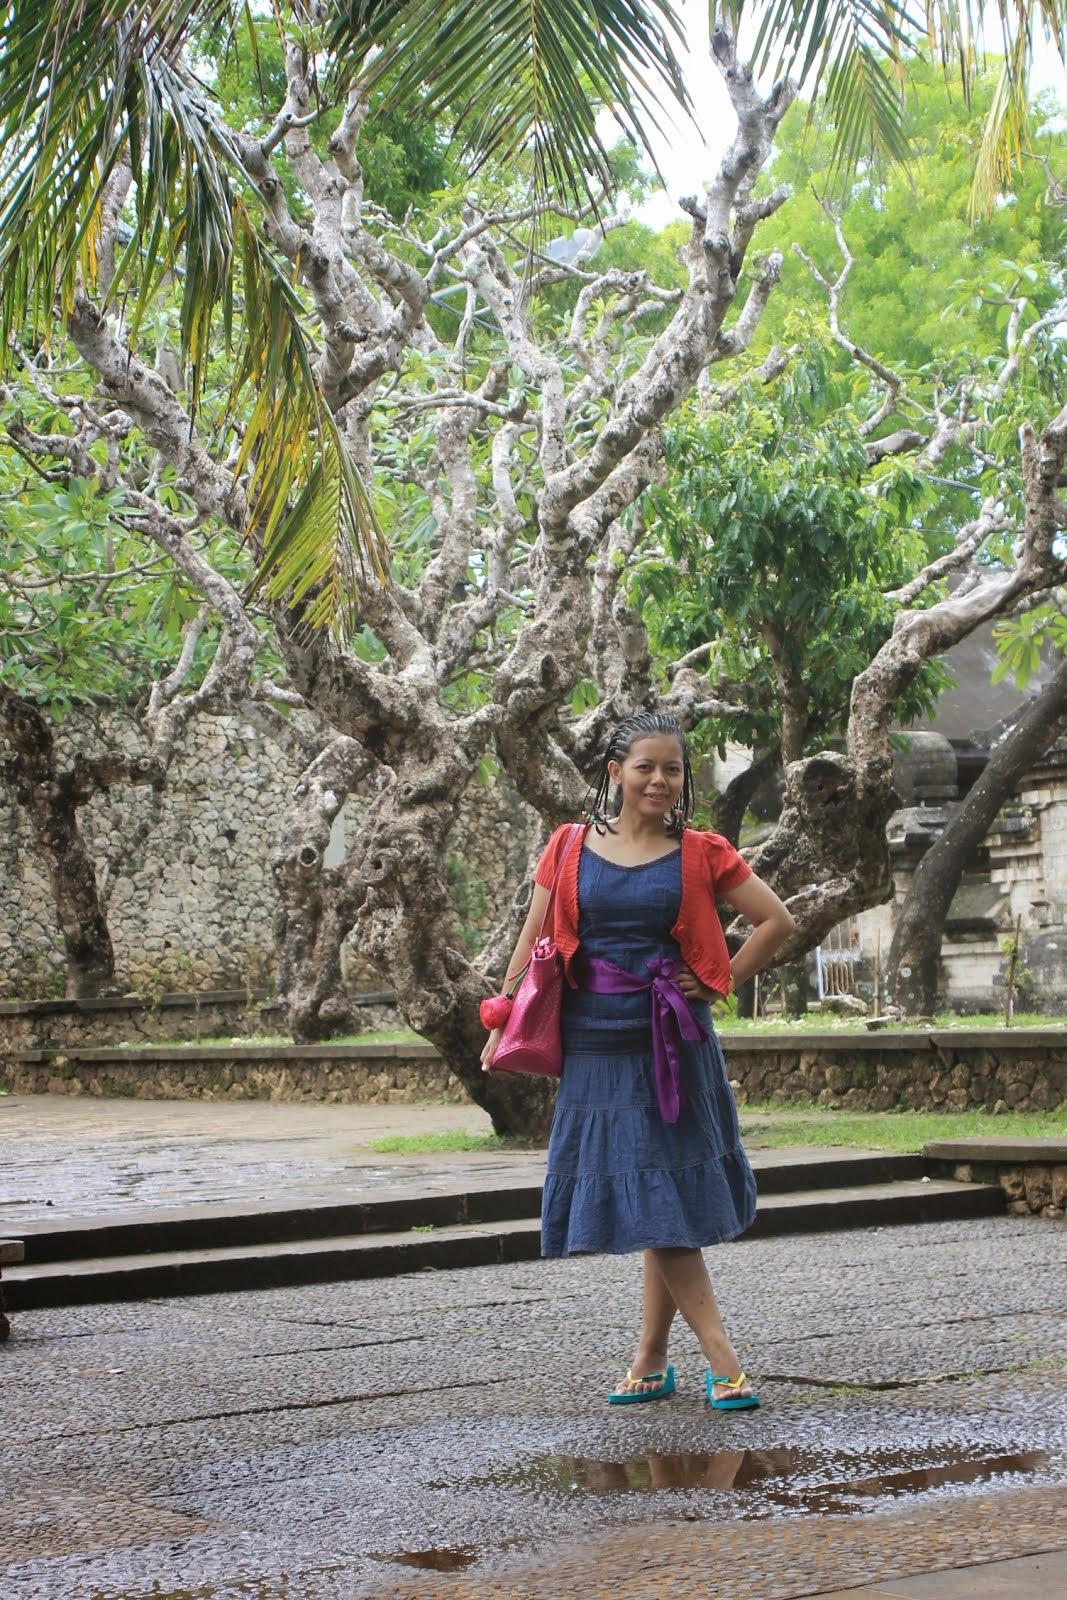 At Uluwatu, Bali